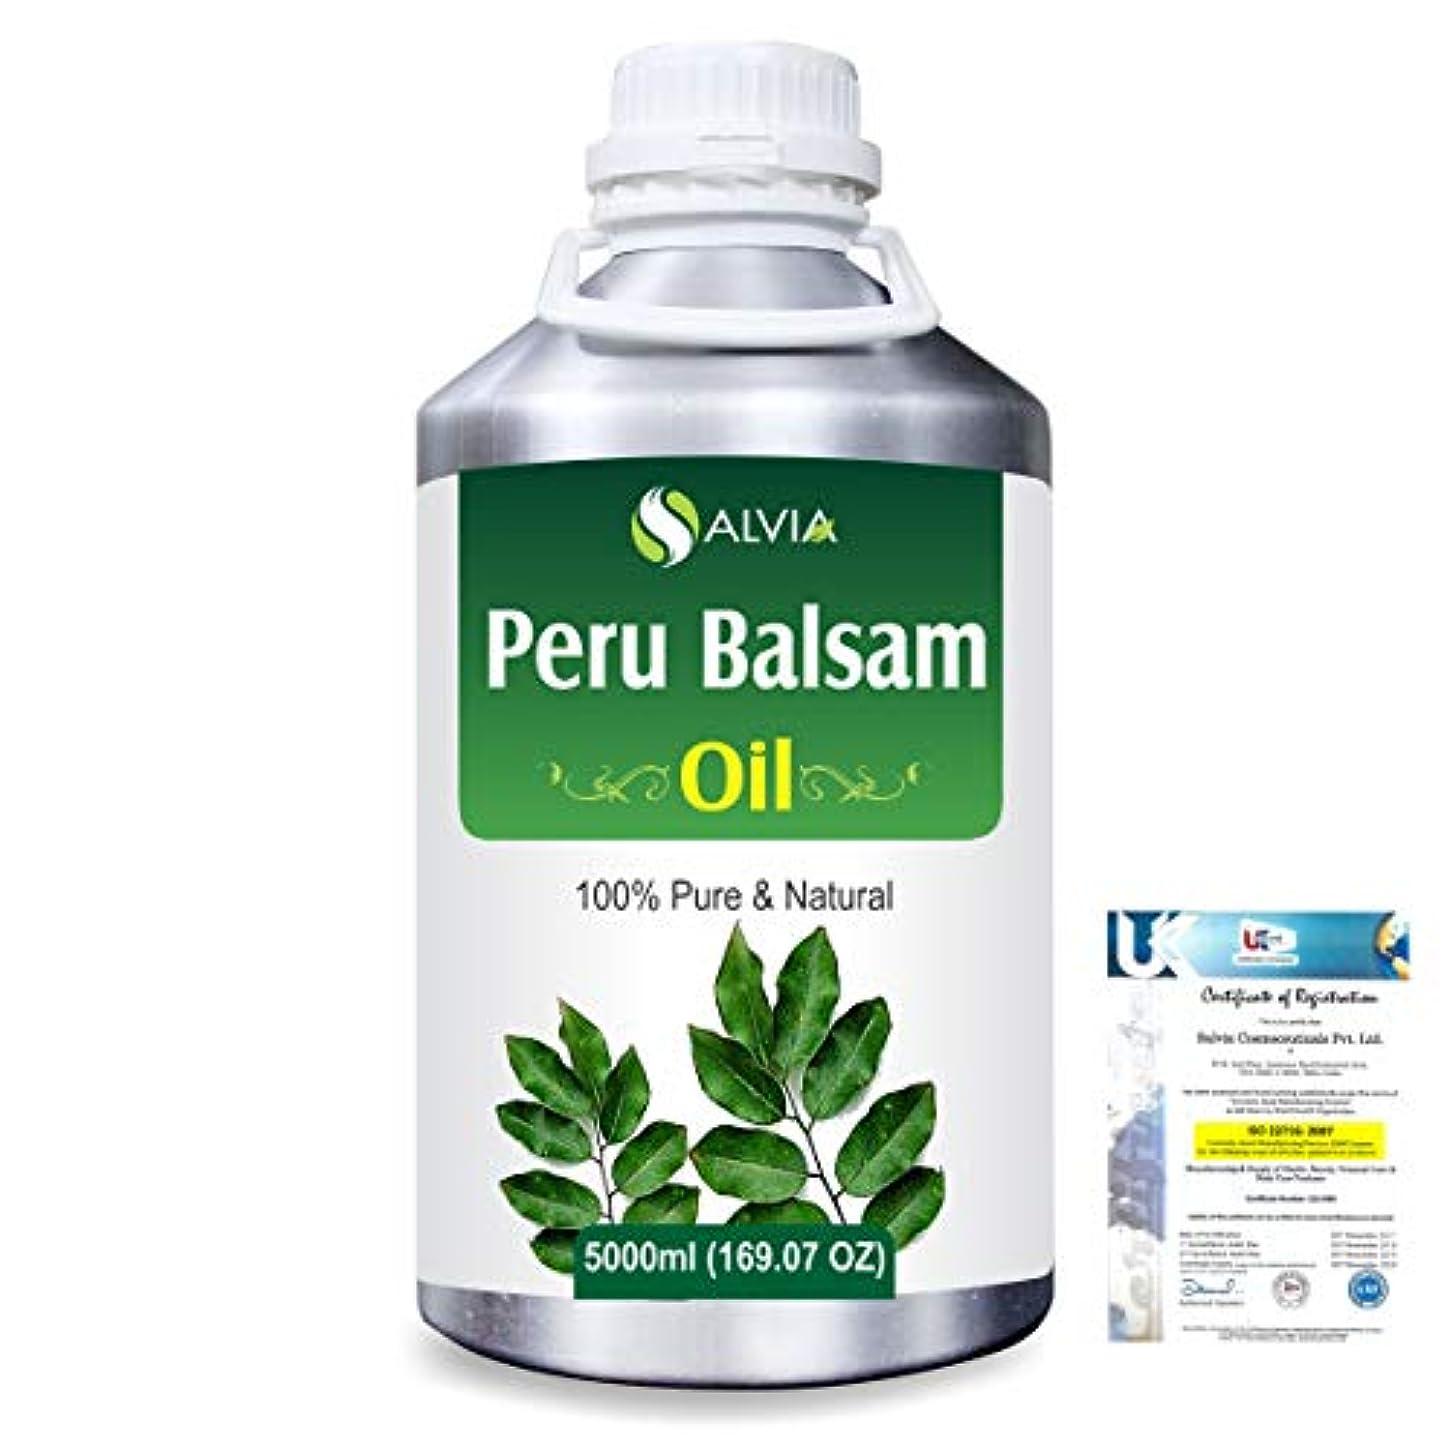 ベール埋め込む学期Peru Balsam (Myroxylon Pereirae) 100% Natural Pure Essential Oil 5000ml/169fl.oz.